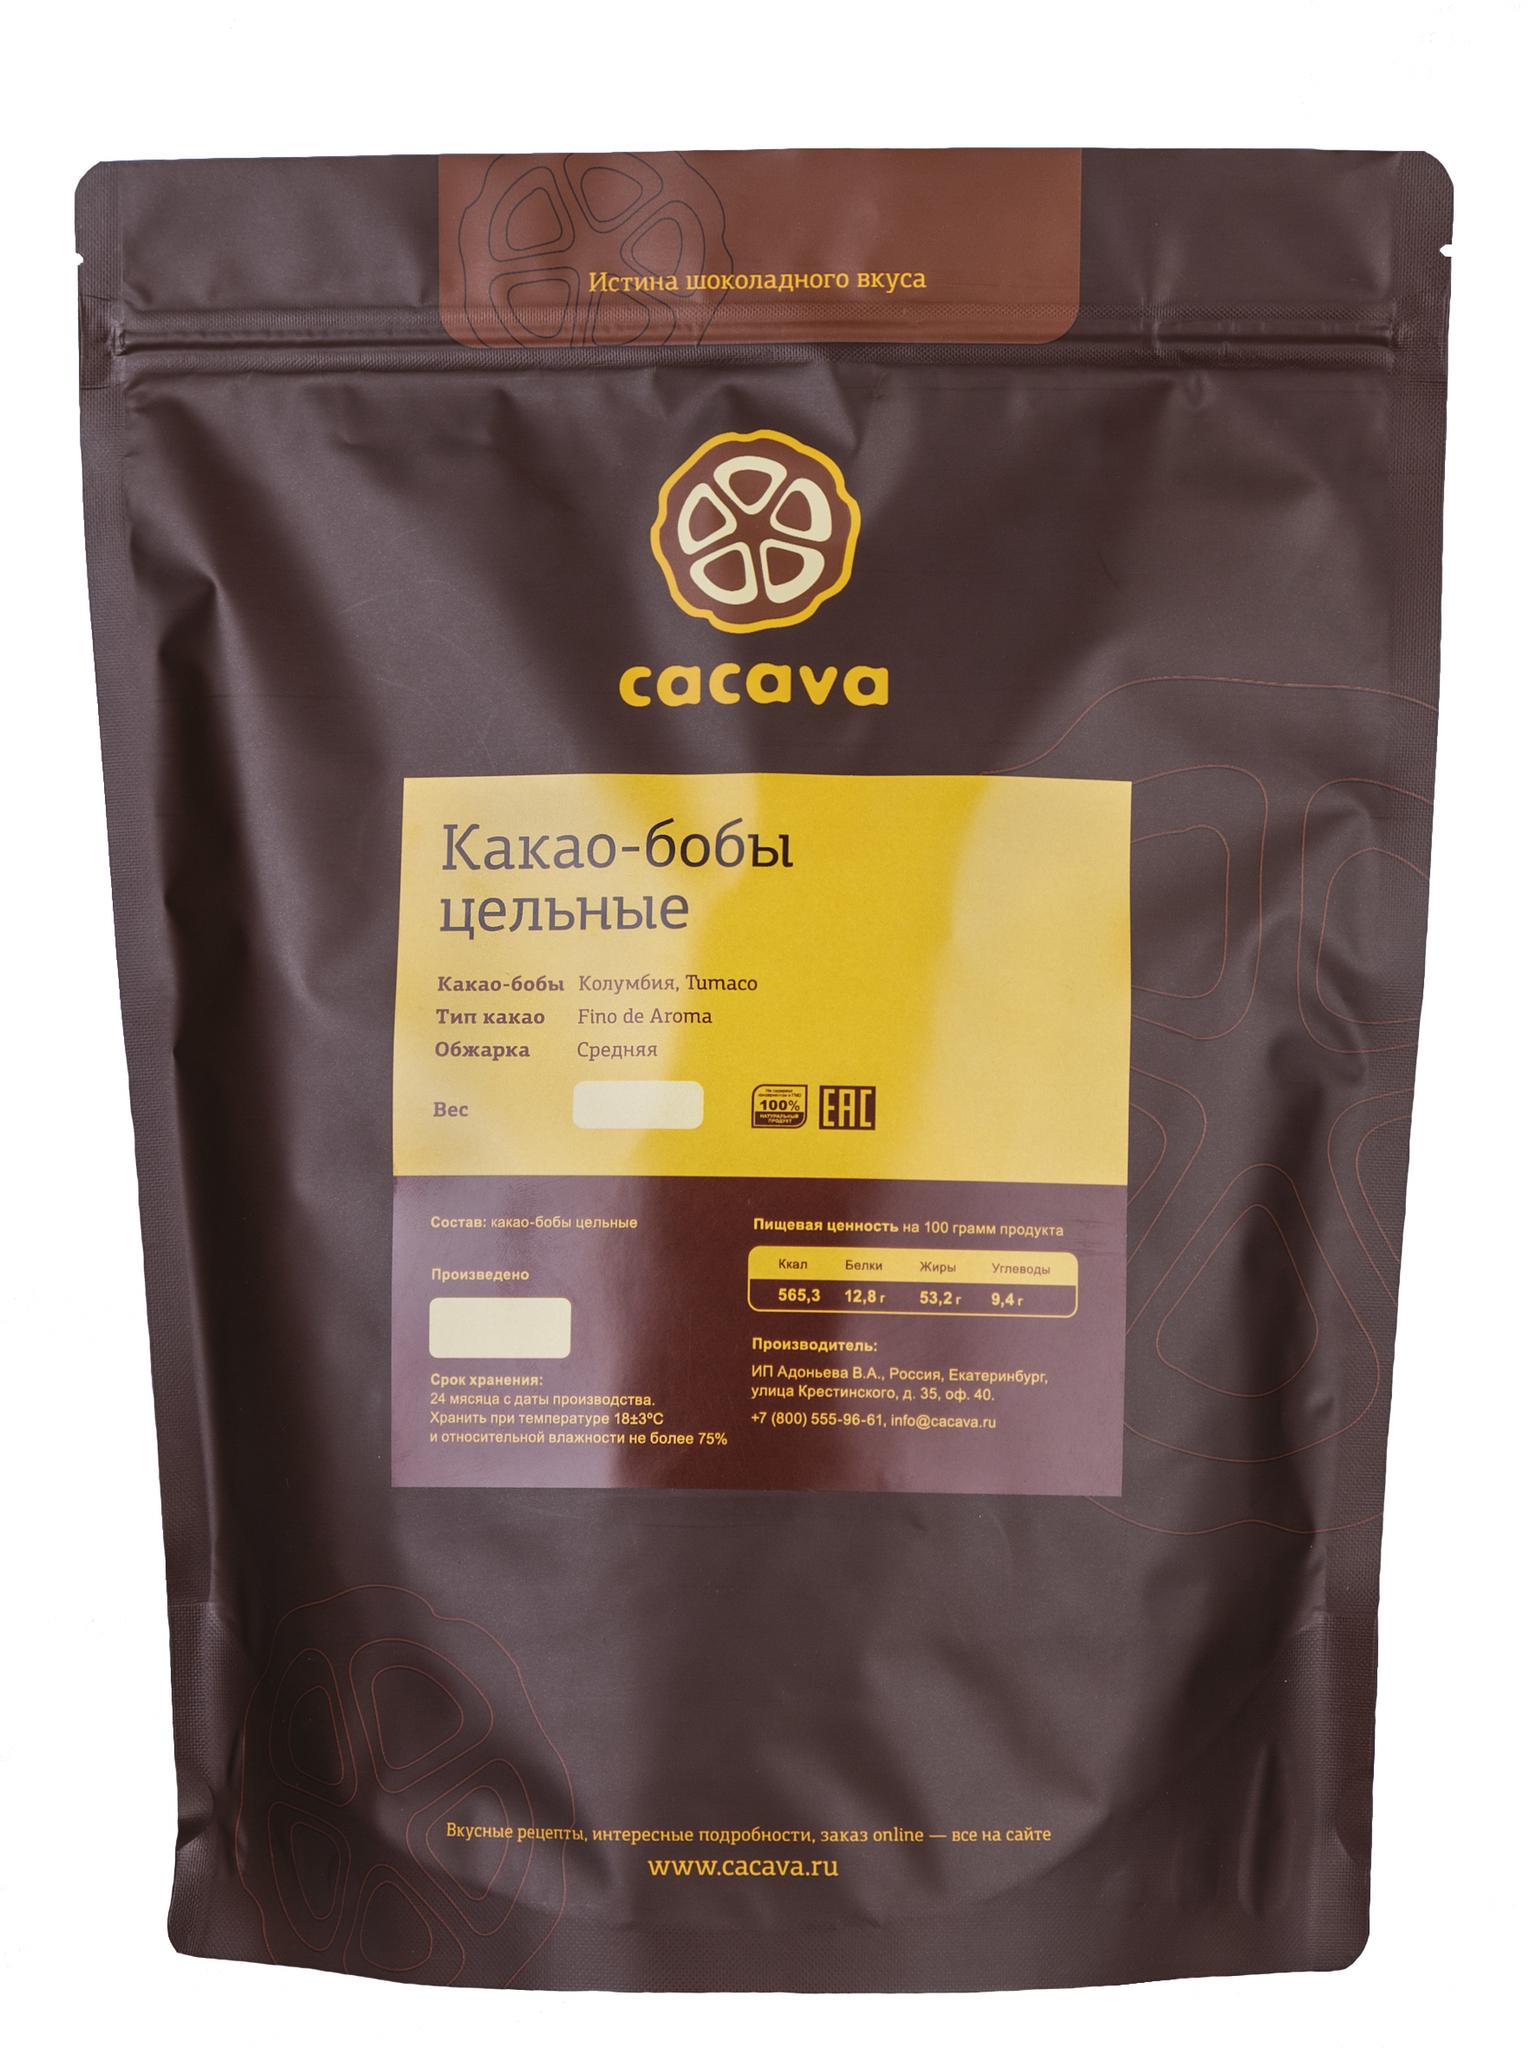 Какао-бобы цельные (Колумбия), Tumaco, упаковка 1 кг